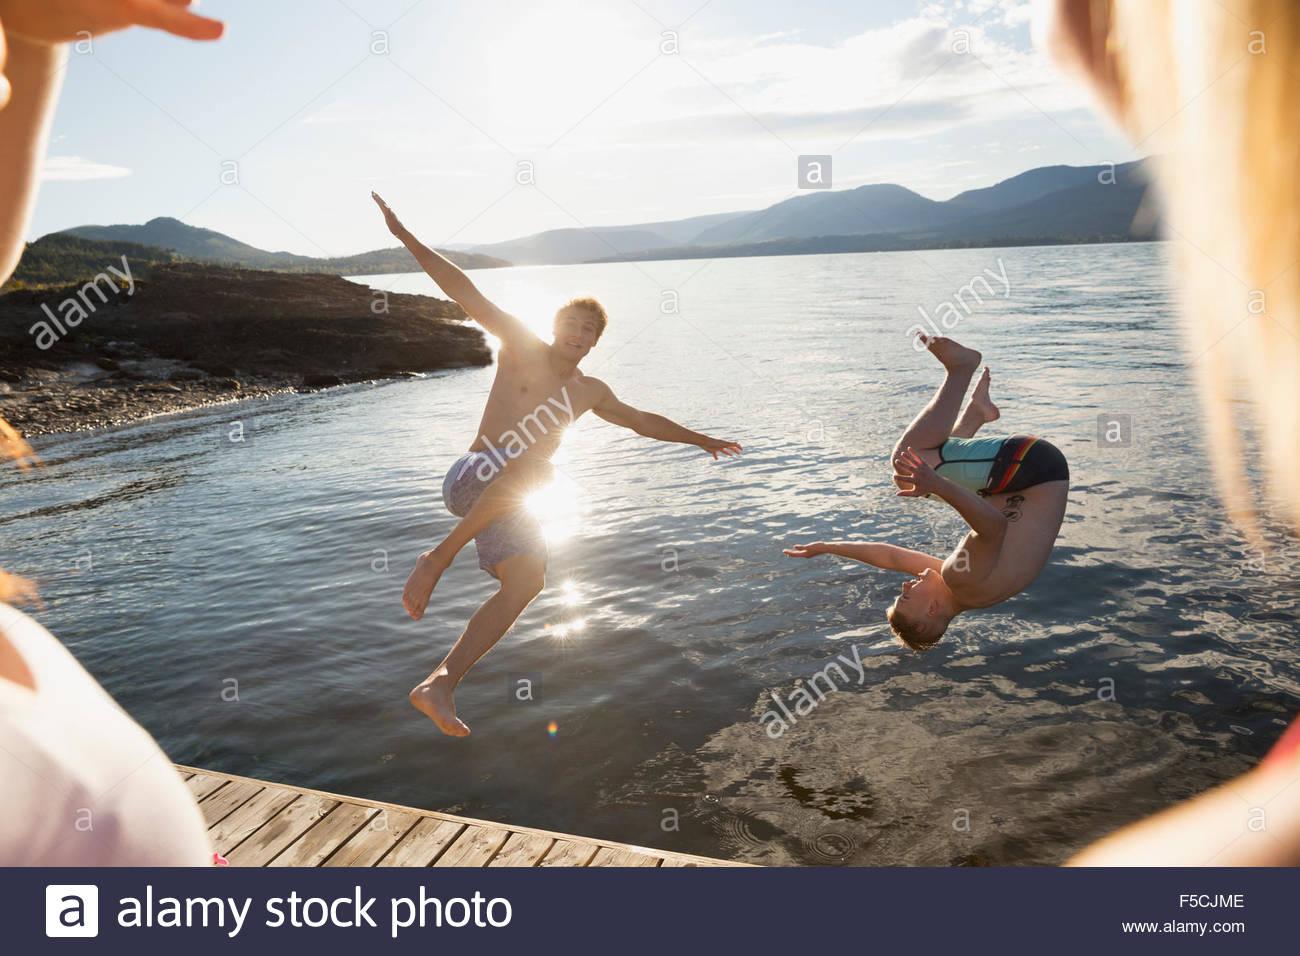 Le giovani donne a guardare gli uomini salto nel lago Immagini Stock